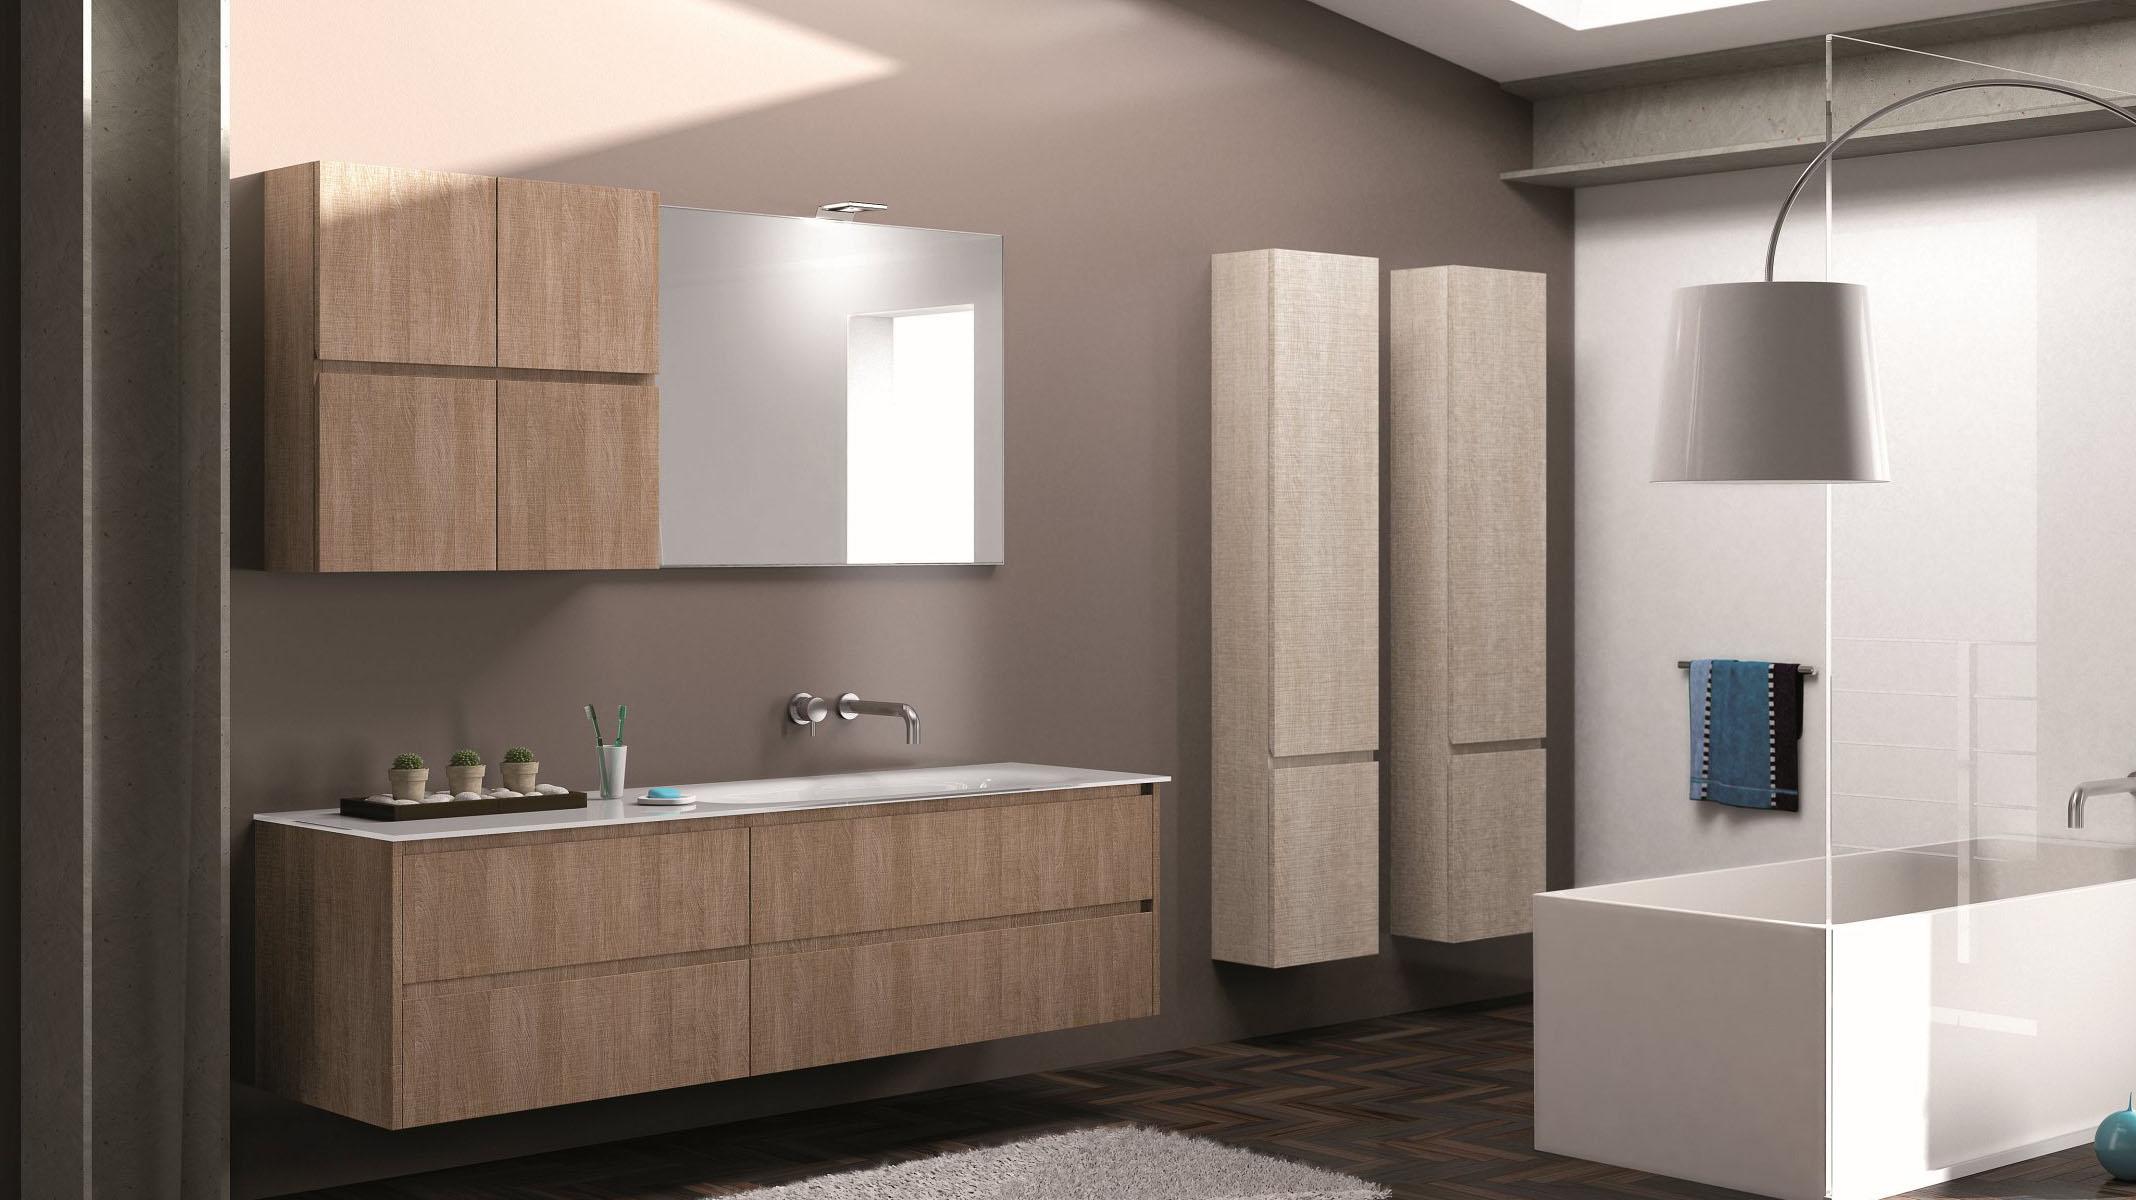 young t 01 waschplatz l sung mit glas waschtisch mein bad direkt. Black Bedroom Furniture Sets. Home Design Ideas